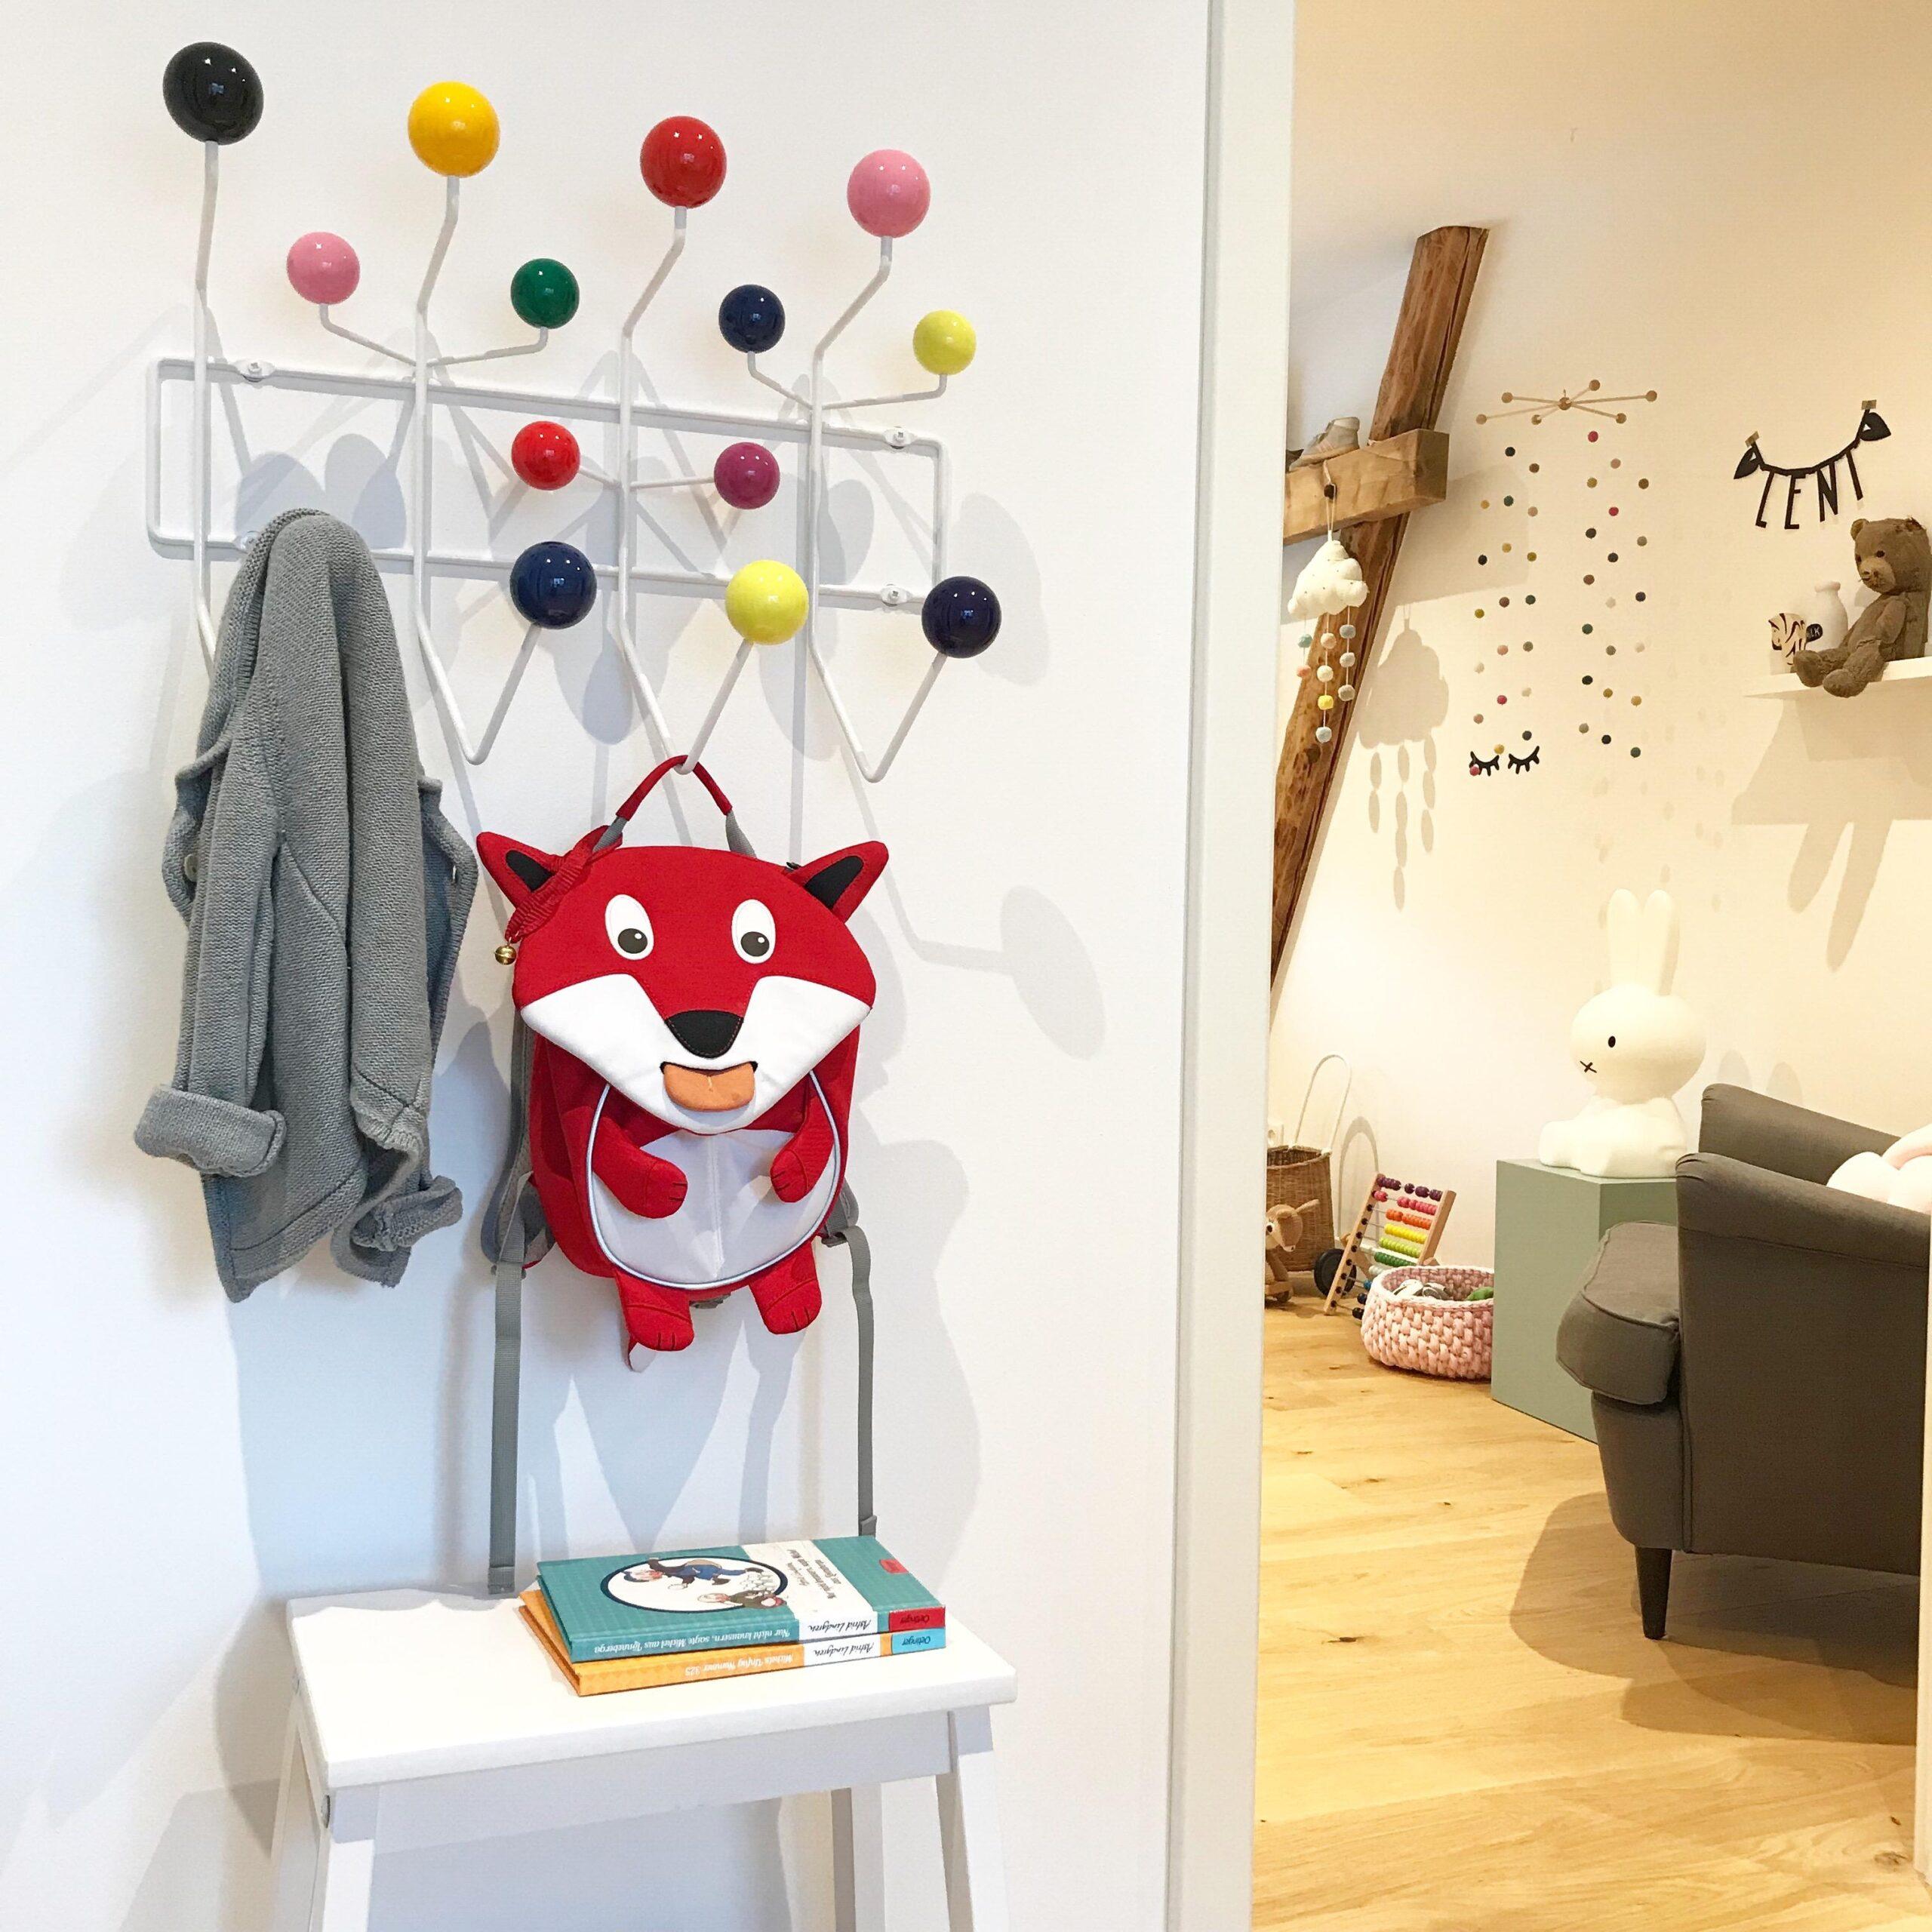 Full Size of Garderobe Kinderzimmer Jetzt Kommt Farbe Auf Den Flur Regal Sofa Weiß Regale Kinderzimmer Garderobe Kinderzimmer